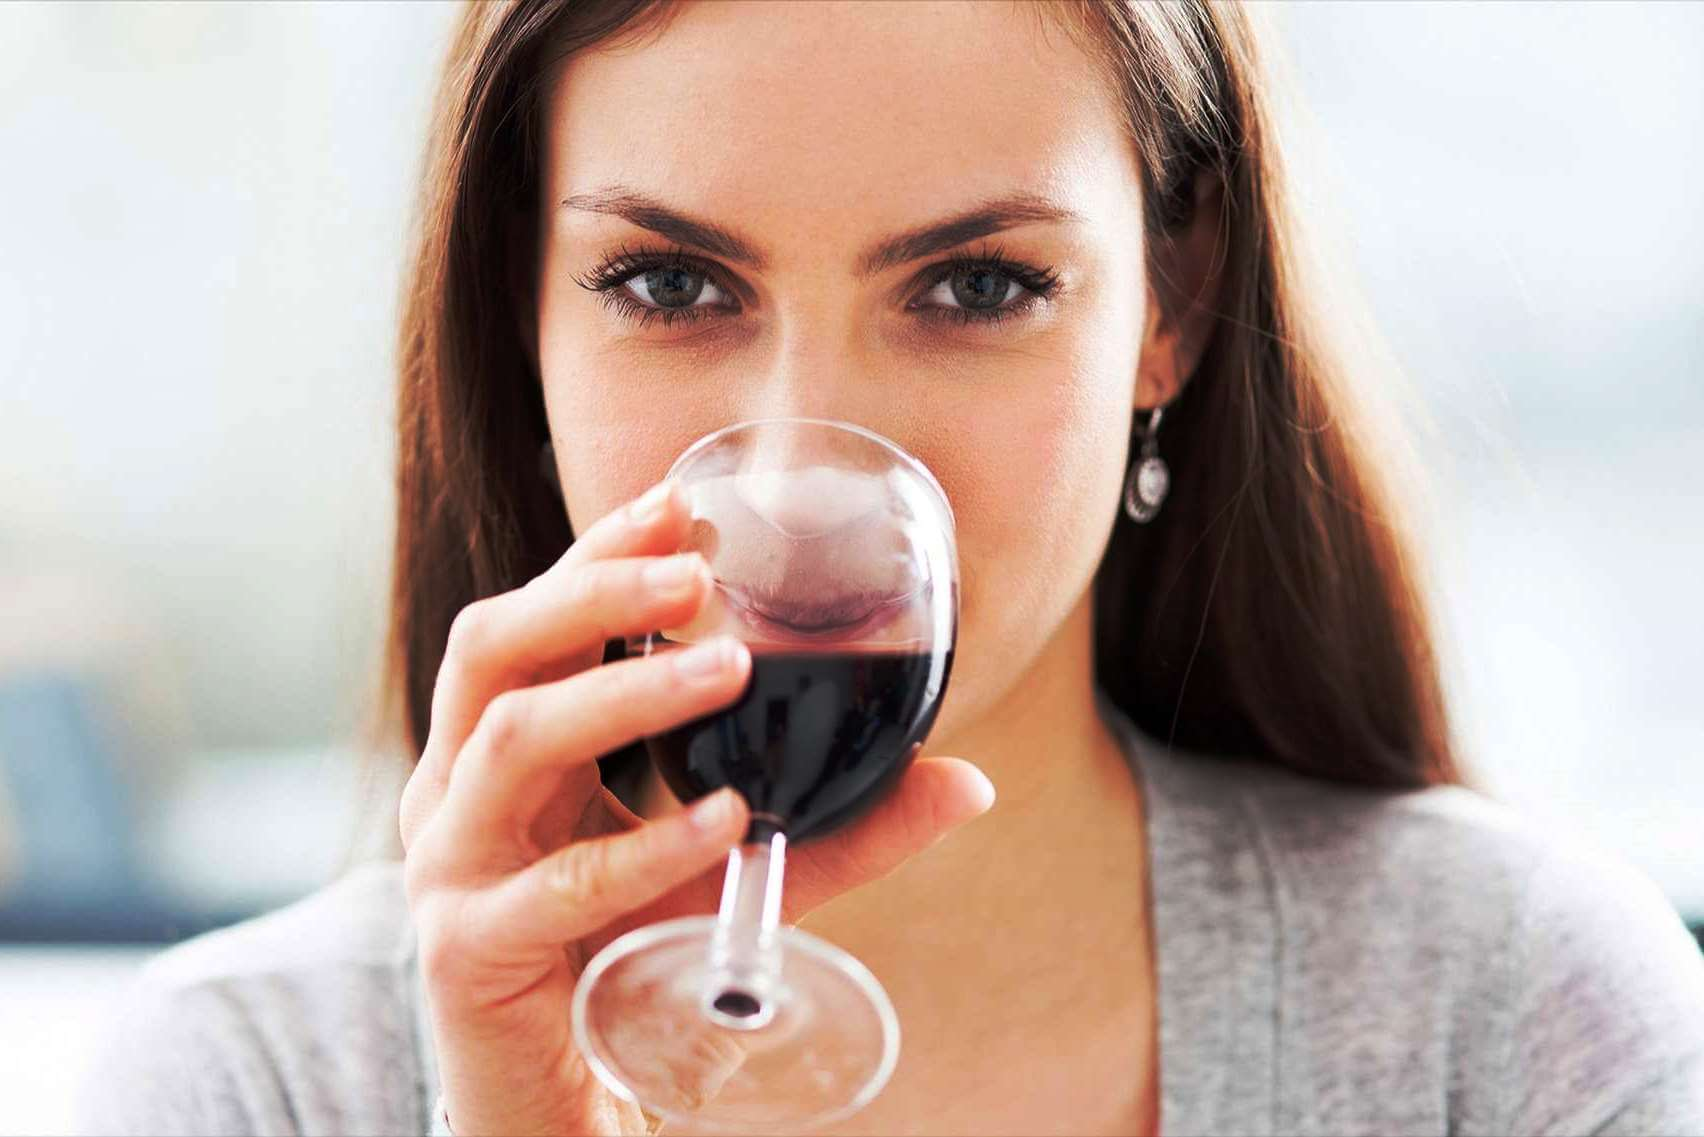 ალკოჰოლის ზომიერად მომხმარებელი ქალები ნაკლებად იმატებენ წონაში